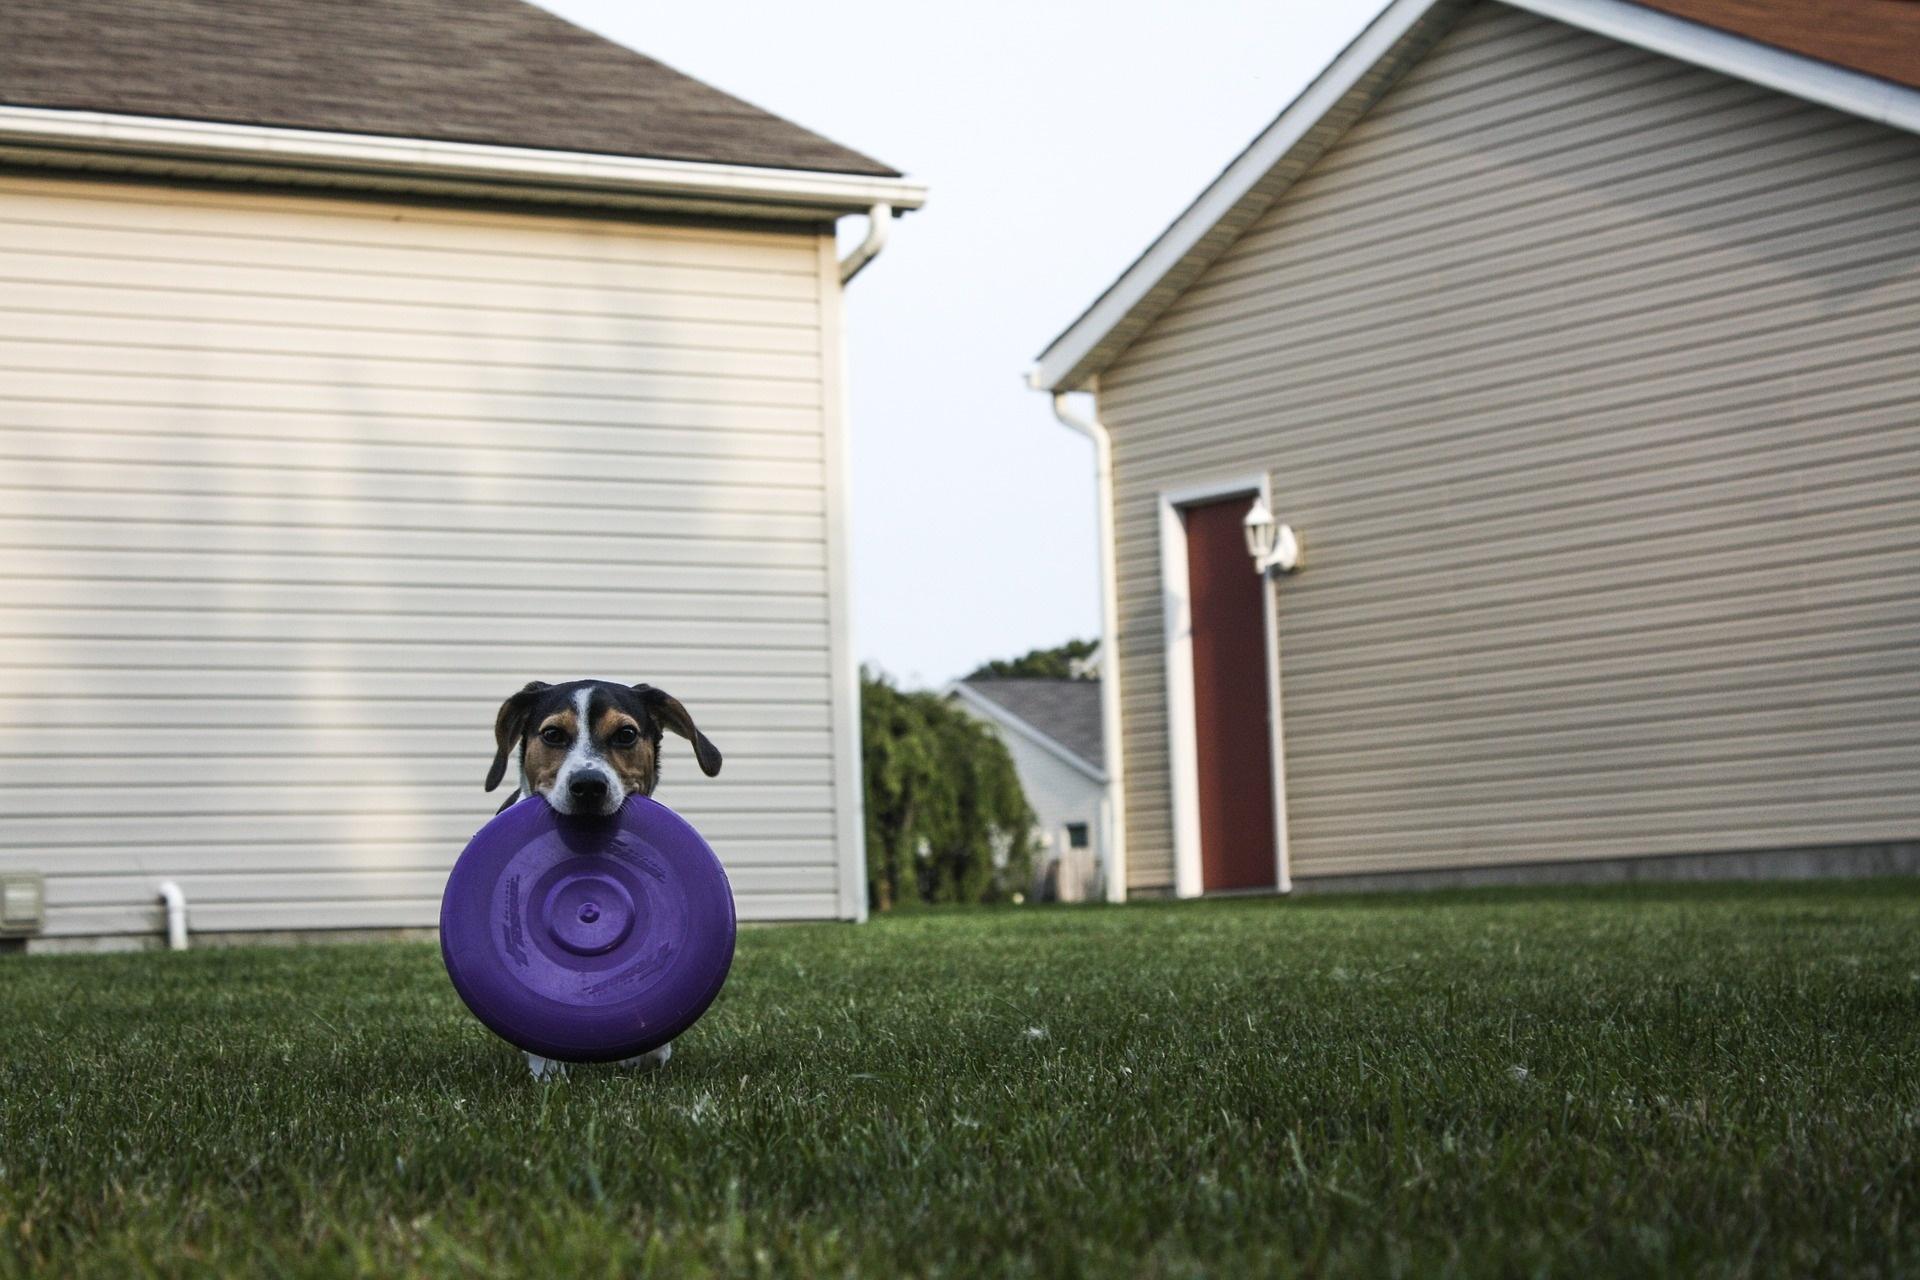 Dog Fetch With Frisbee in Yard